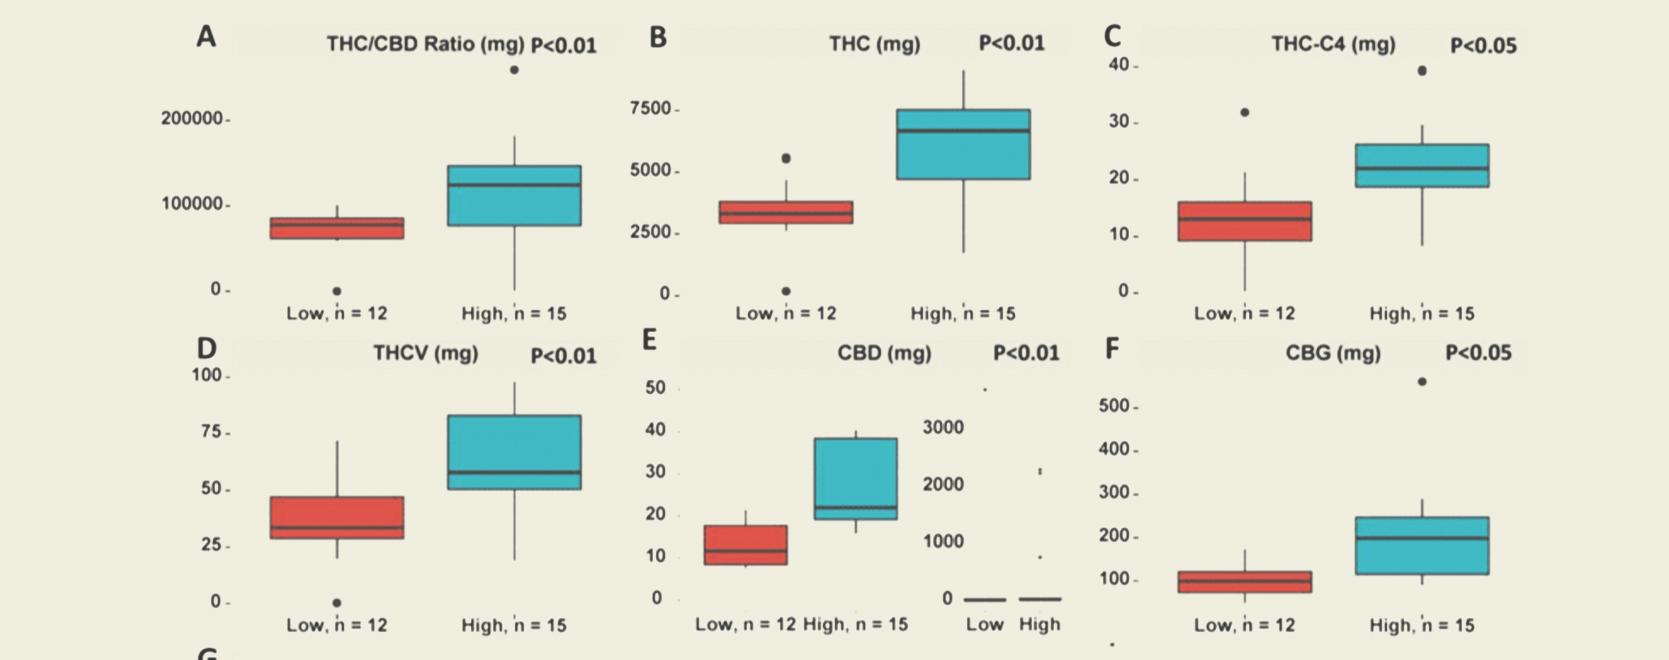 La aparición del TAC (total de cannabinoides activos) y lo que significa para los consumidores